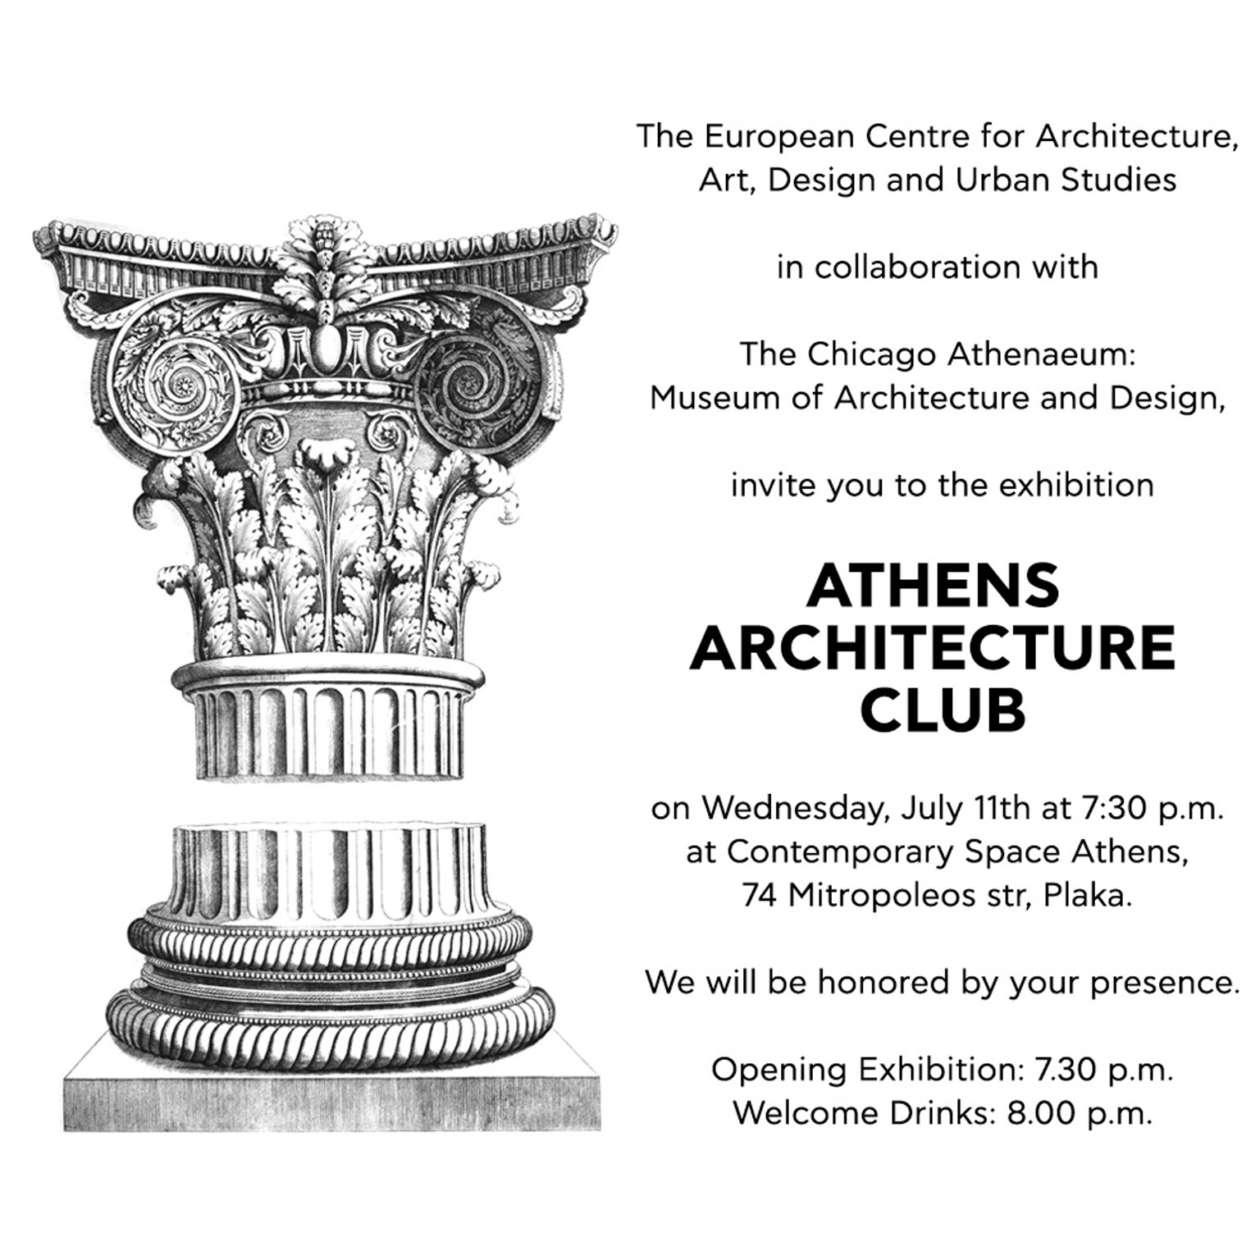 Athens Architecture Club Invitation